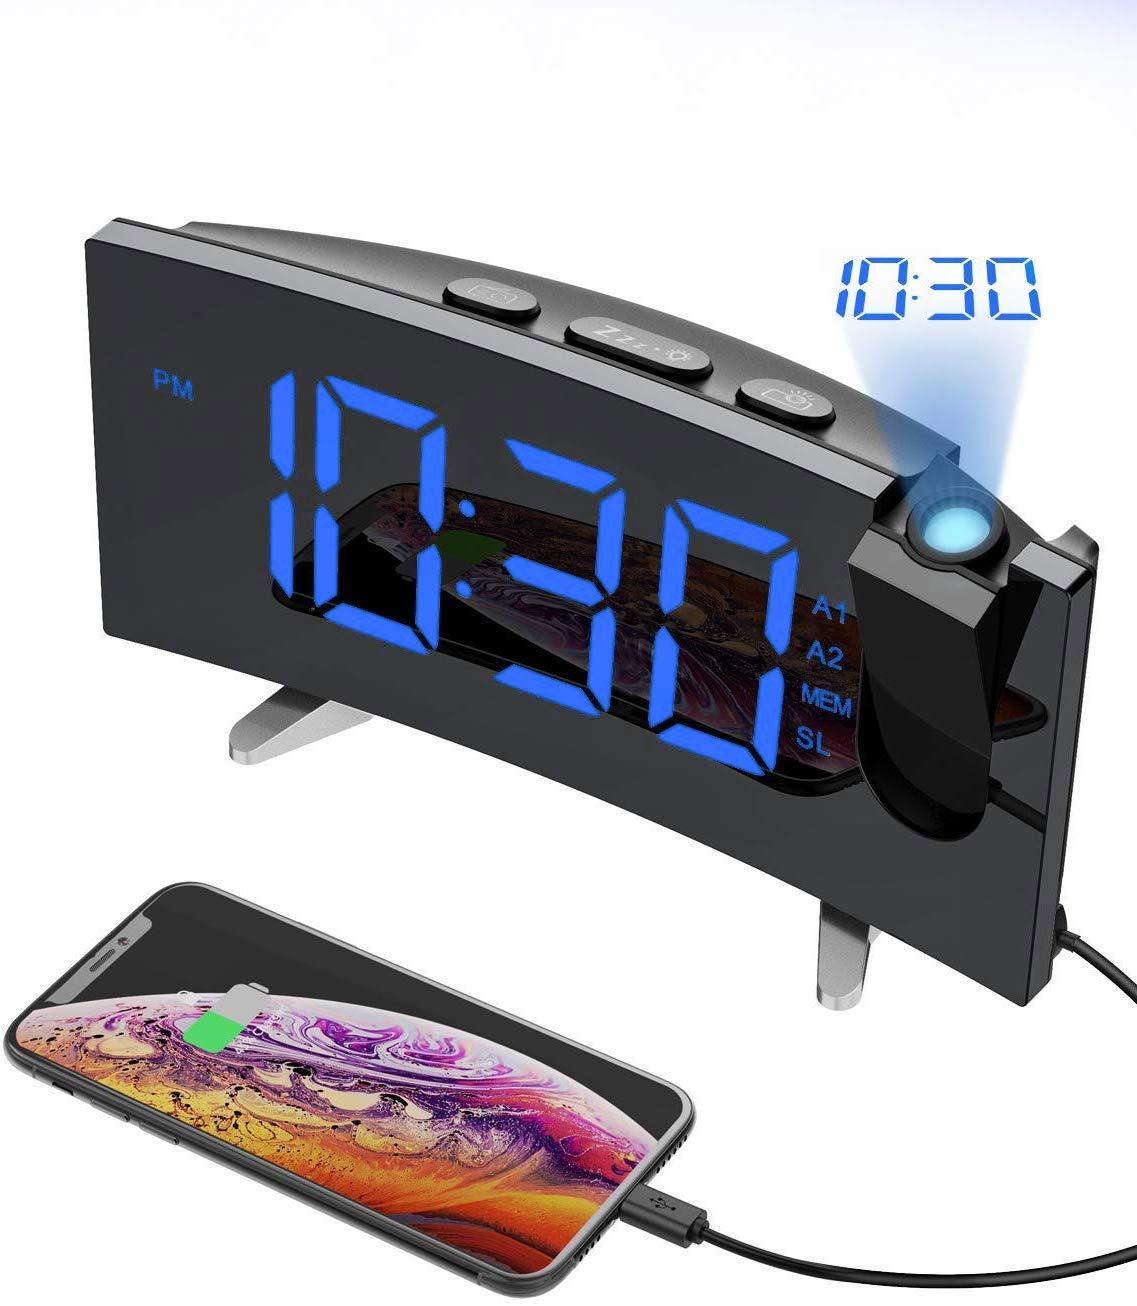 PICTEK Projection Display Digital Bedrooms